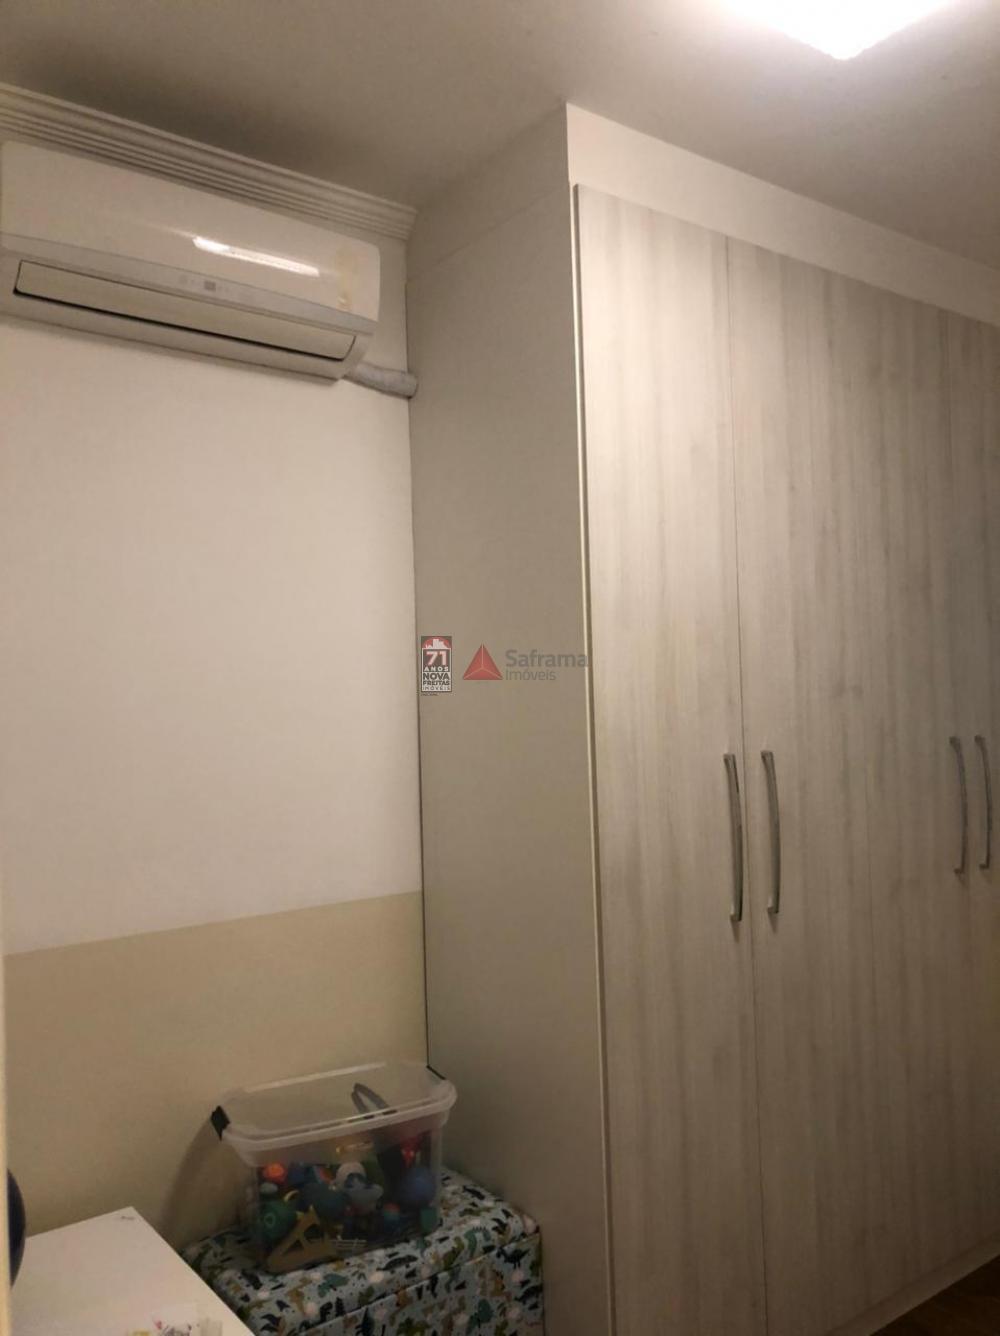 Comprar Apartamento / Padrão em Pindamonhangaba R$ 400.000,00 - Foto 14